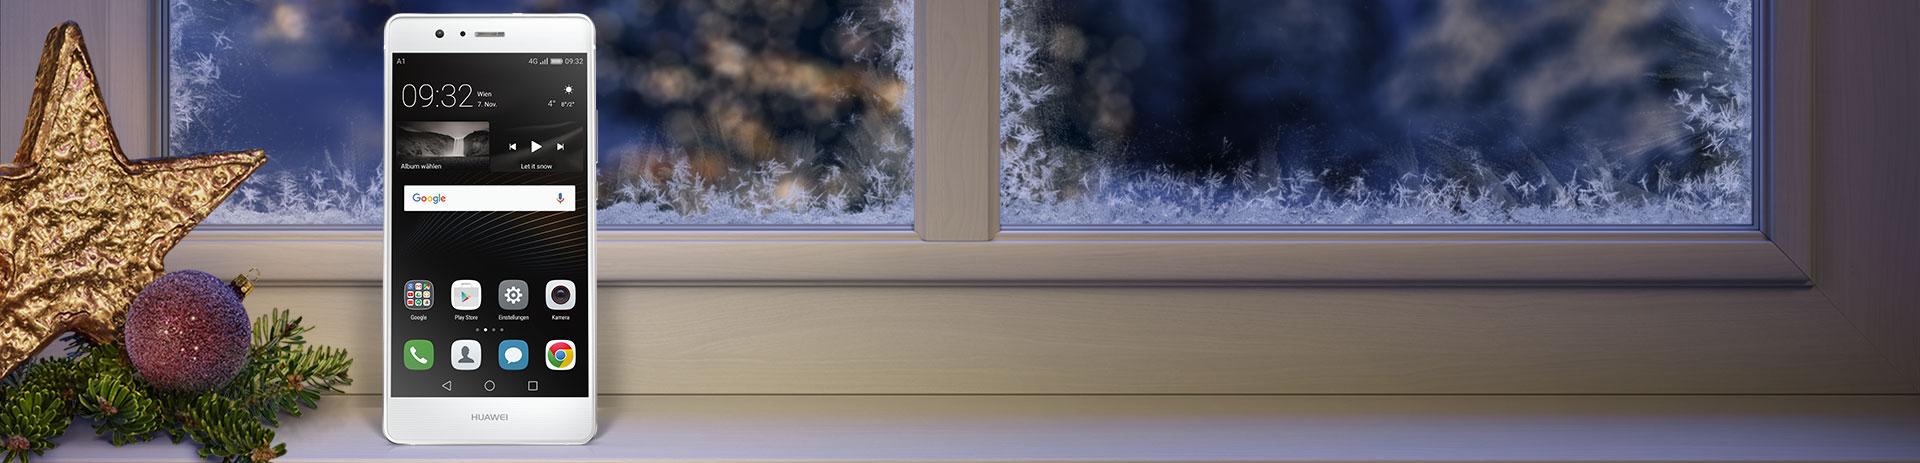 Huawei P9 Lite auf verschneitem Fensterbrett